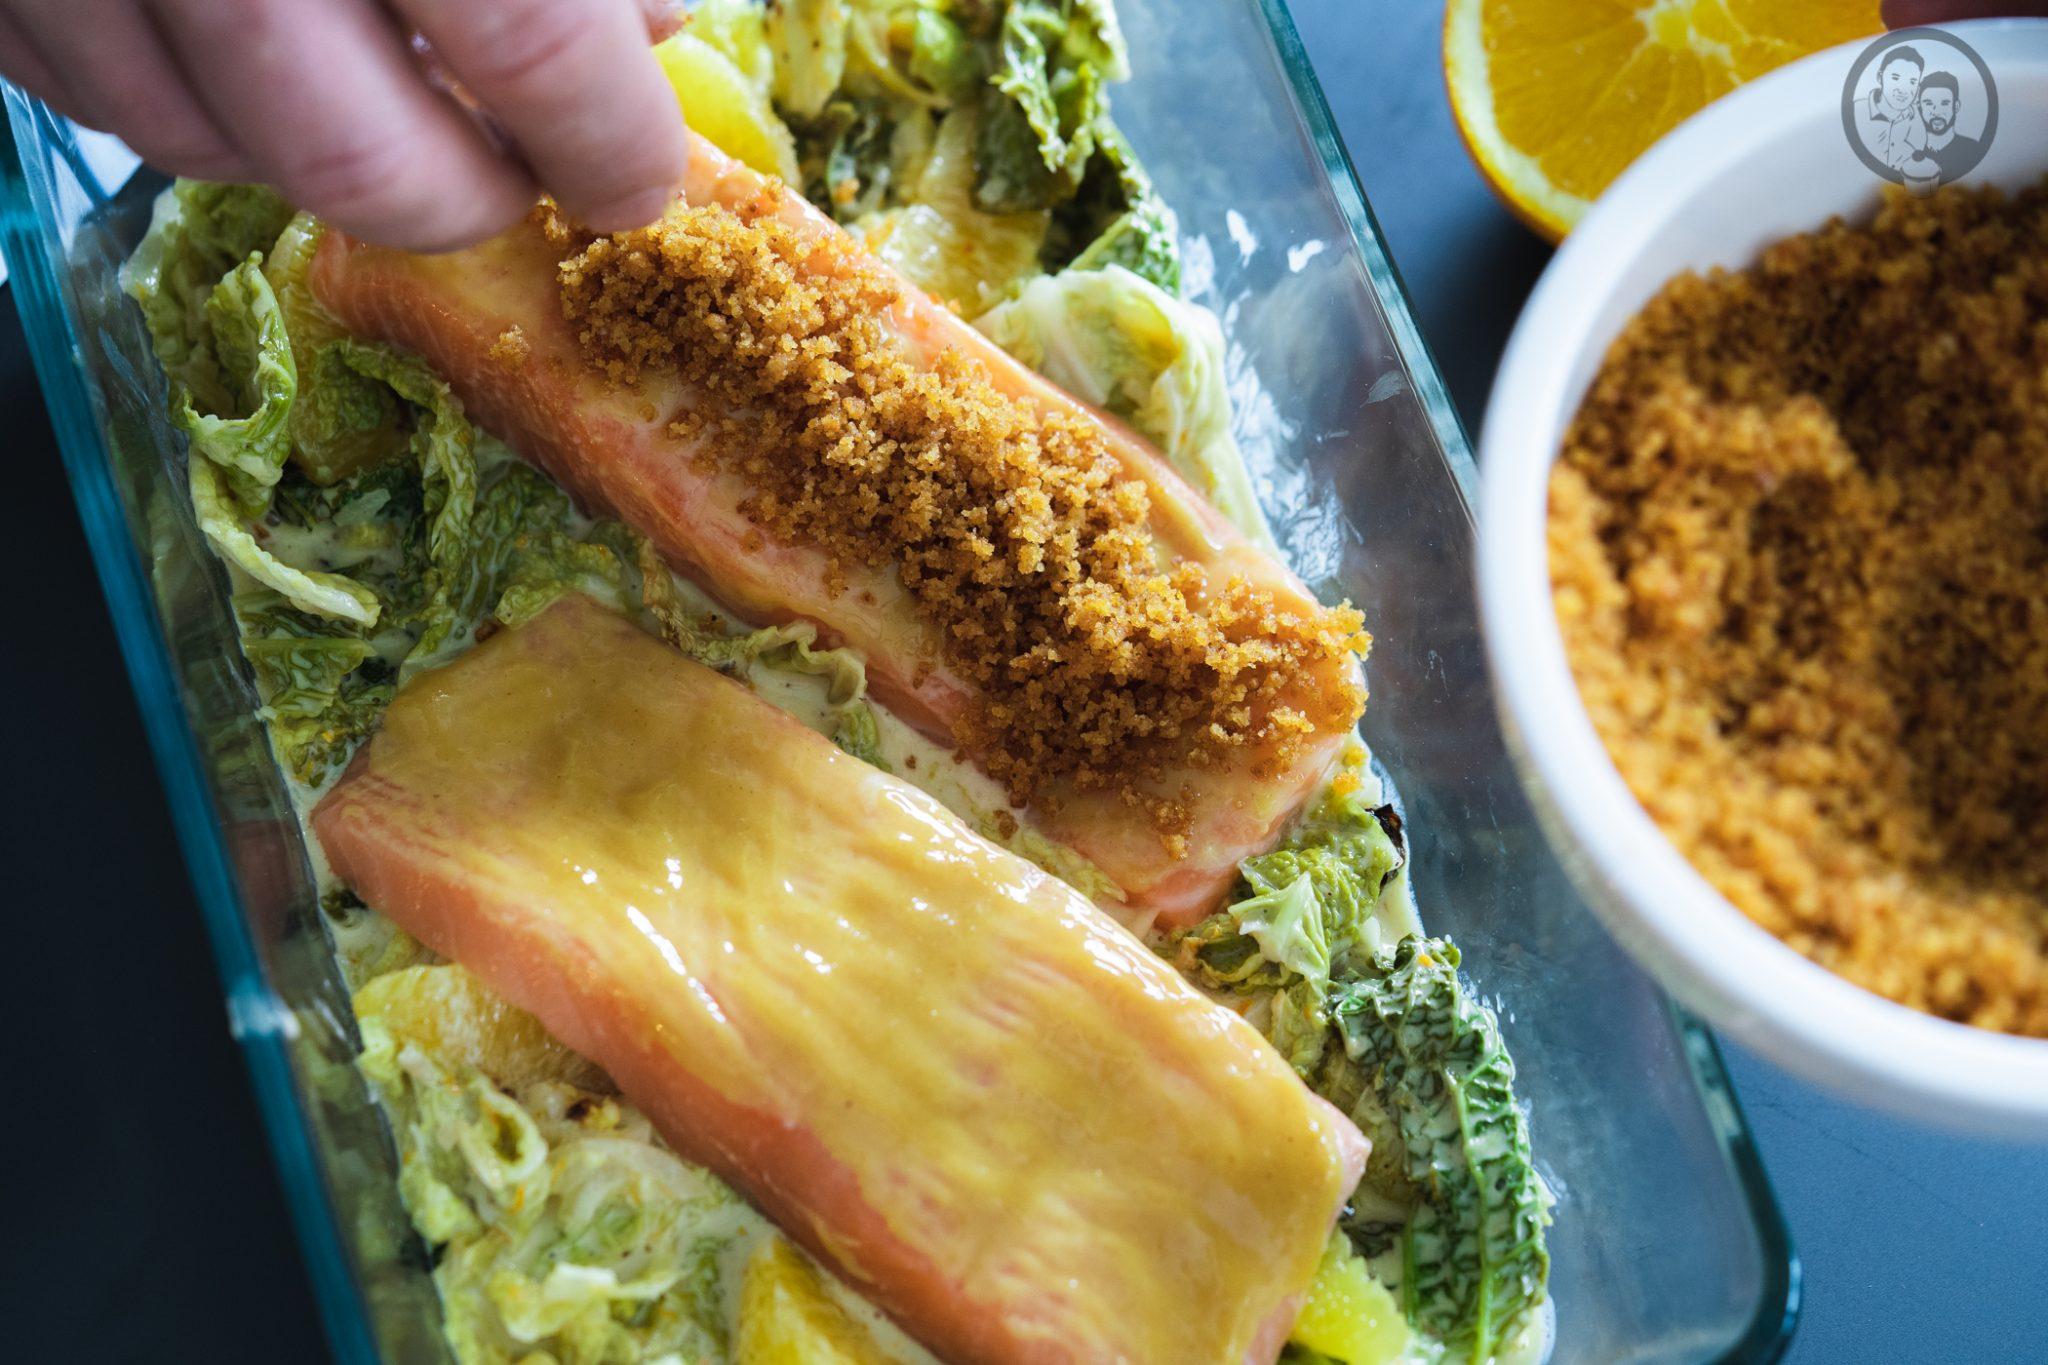 Lachs mit Lebkuchenkruste 3 | Wenn es um Fisch oder Meeresfrüchte geht, sind wir beide ja immer mit dabei. Wir mögen so gut wie jede Zubereitungsart. Ob gedämpft, gegrillt oder im Ofen gebacken. Daher freuen wir uns immer wieder sehr darüber, wenn wir ein neues Fischrezept vorstellen können. Heute geht es bei uns um ein leckeres Lachsfilet.